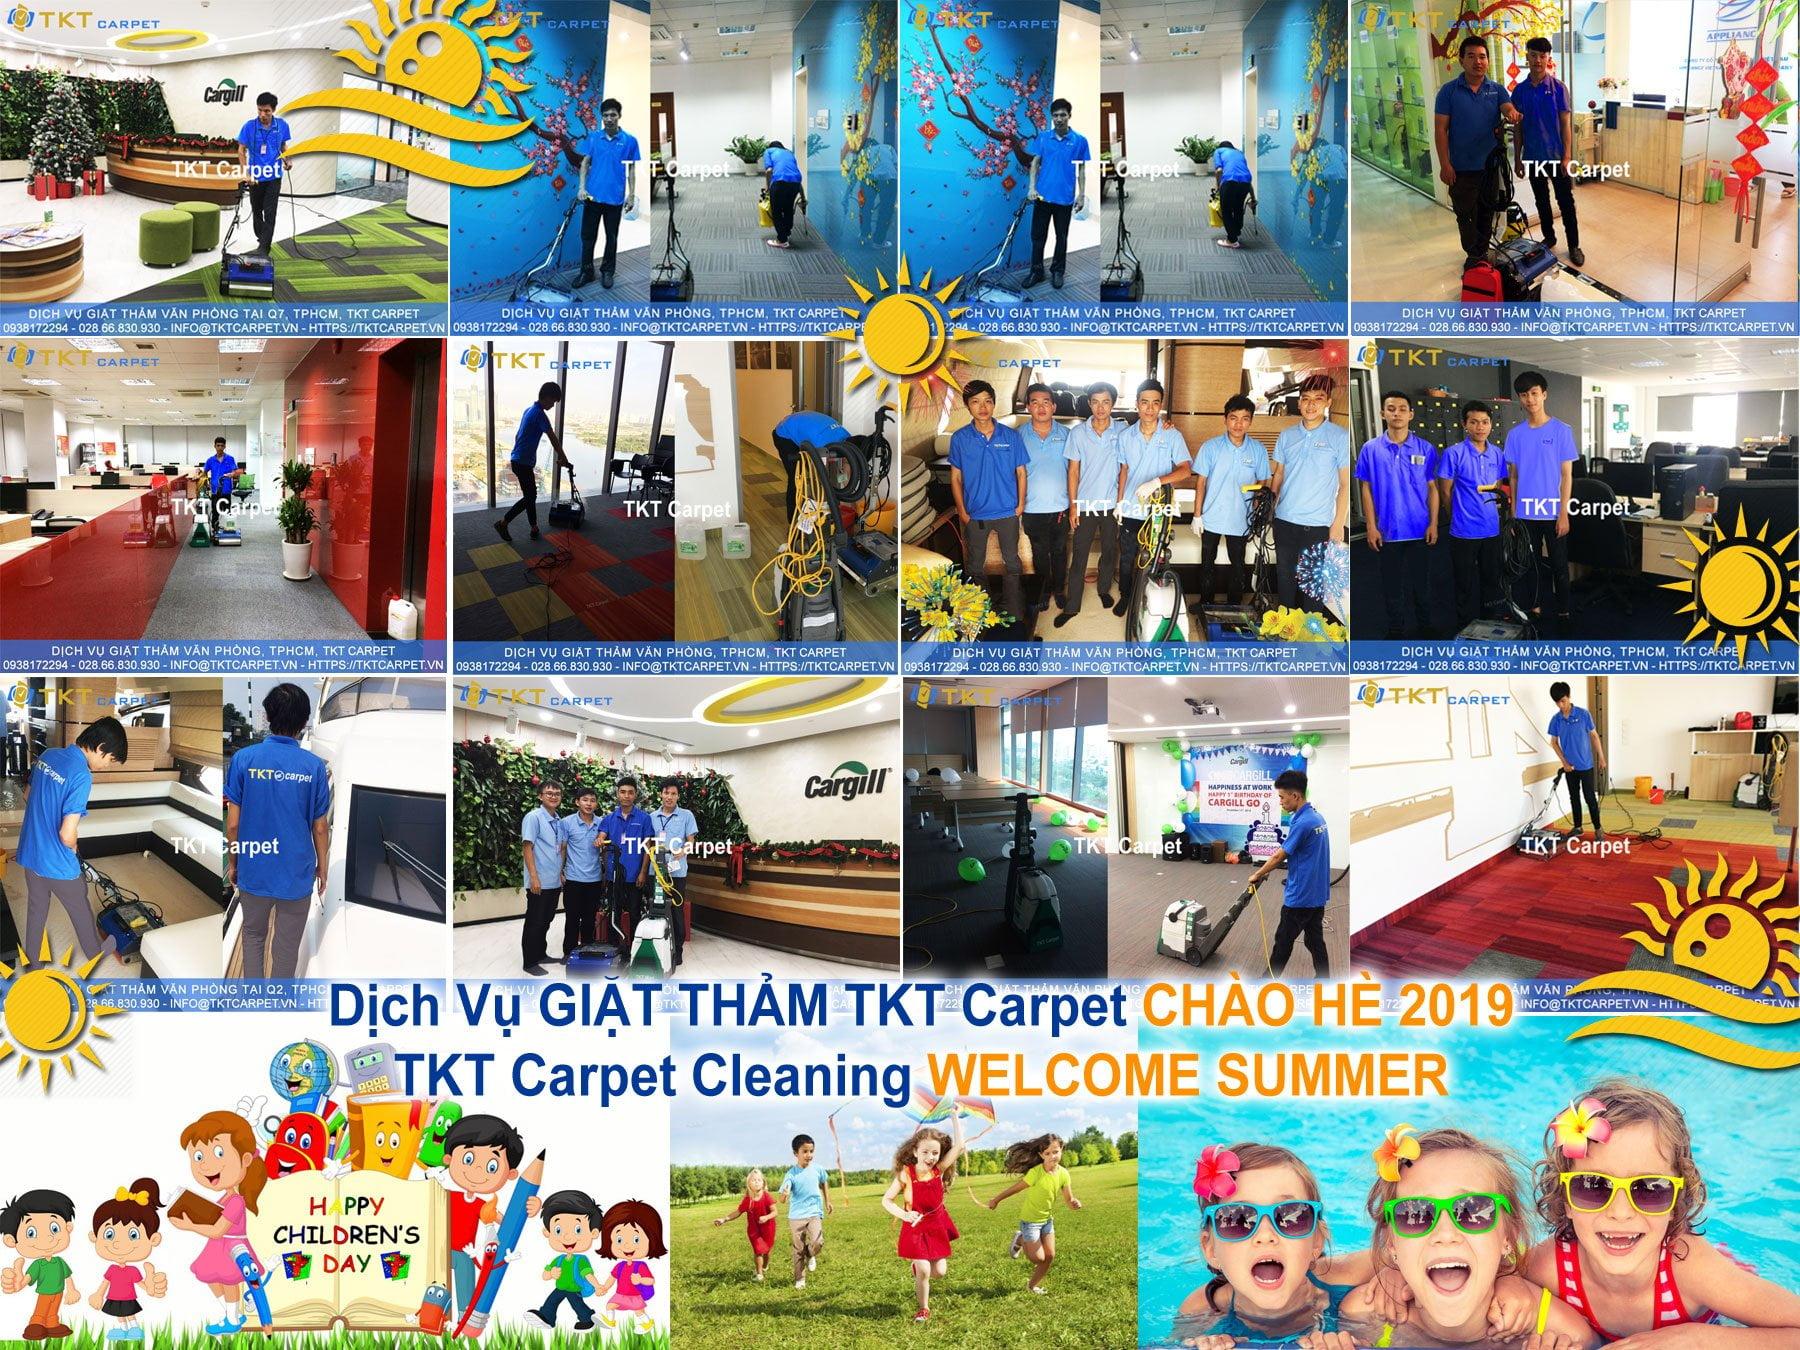 Khuyến mãi dịch vụ giặt thảm văn phòng TKT Carpet mừng ngày 1/6 và hè 2019